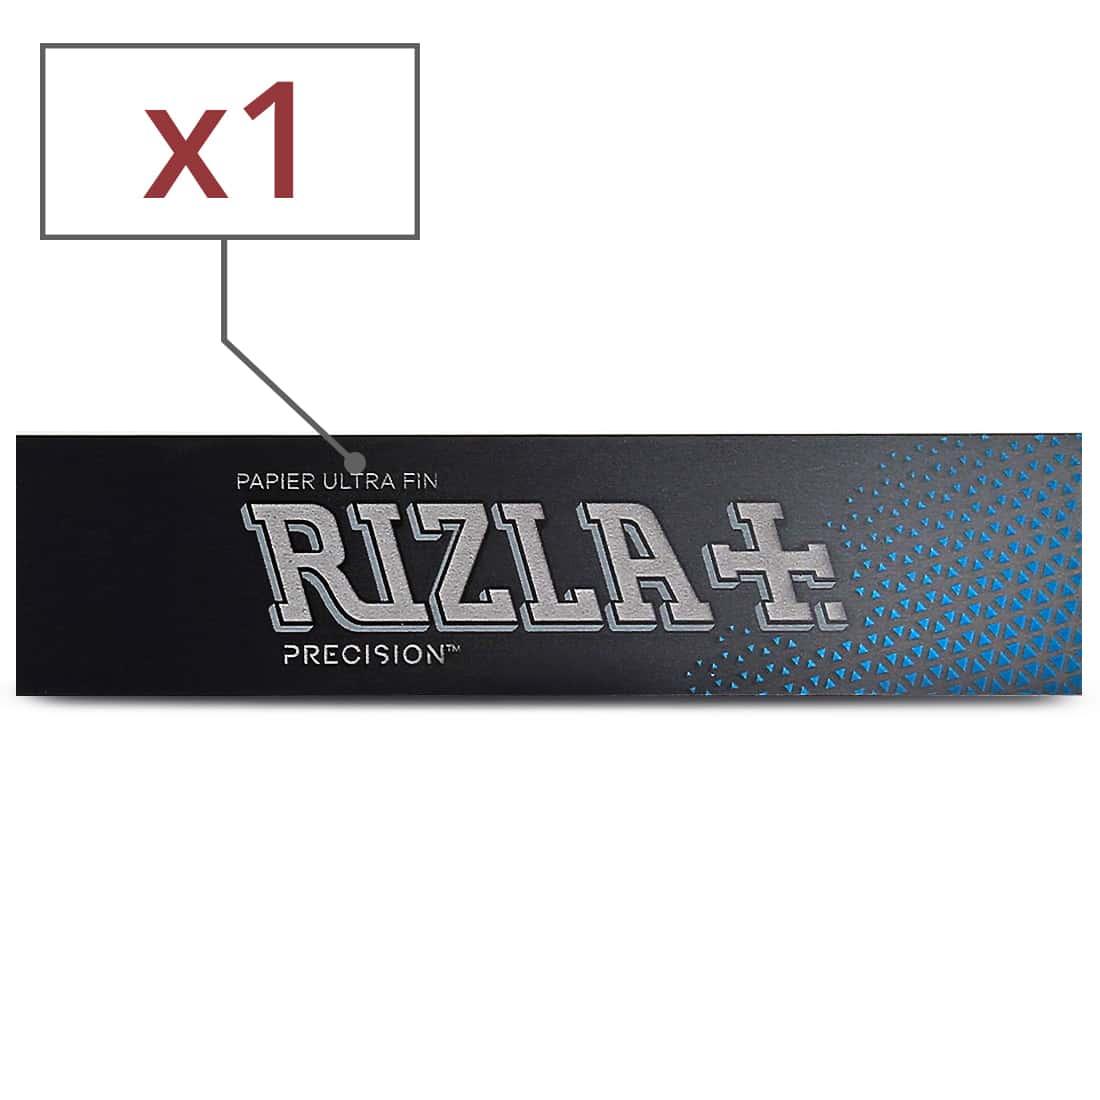 Photo de Papier à rouler Rizla + Precision Slim x 1